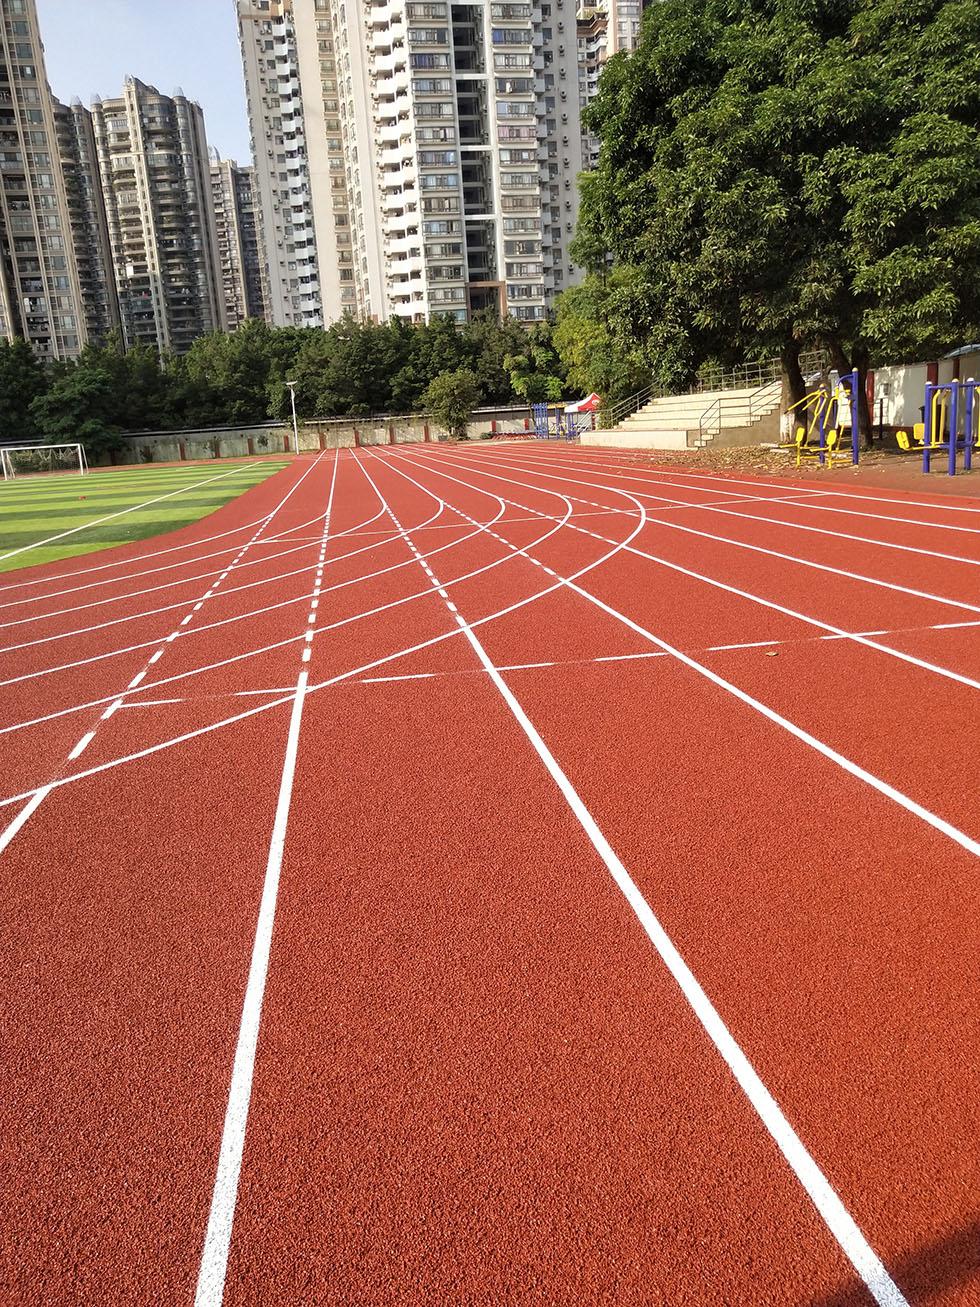 奥宏硅PU球场材料厂家 学校塑胶跑道验收标准有哪方面要注意呢